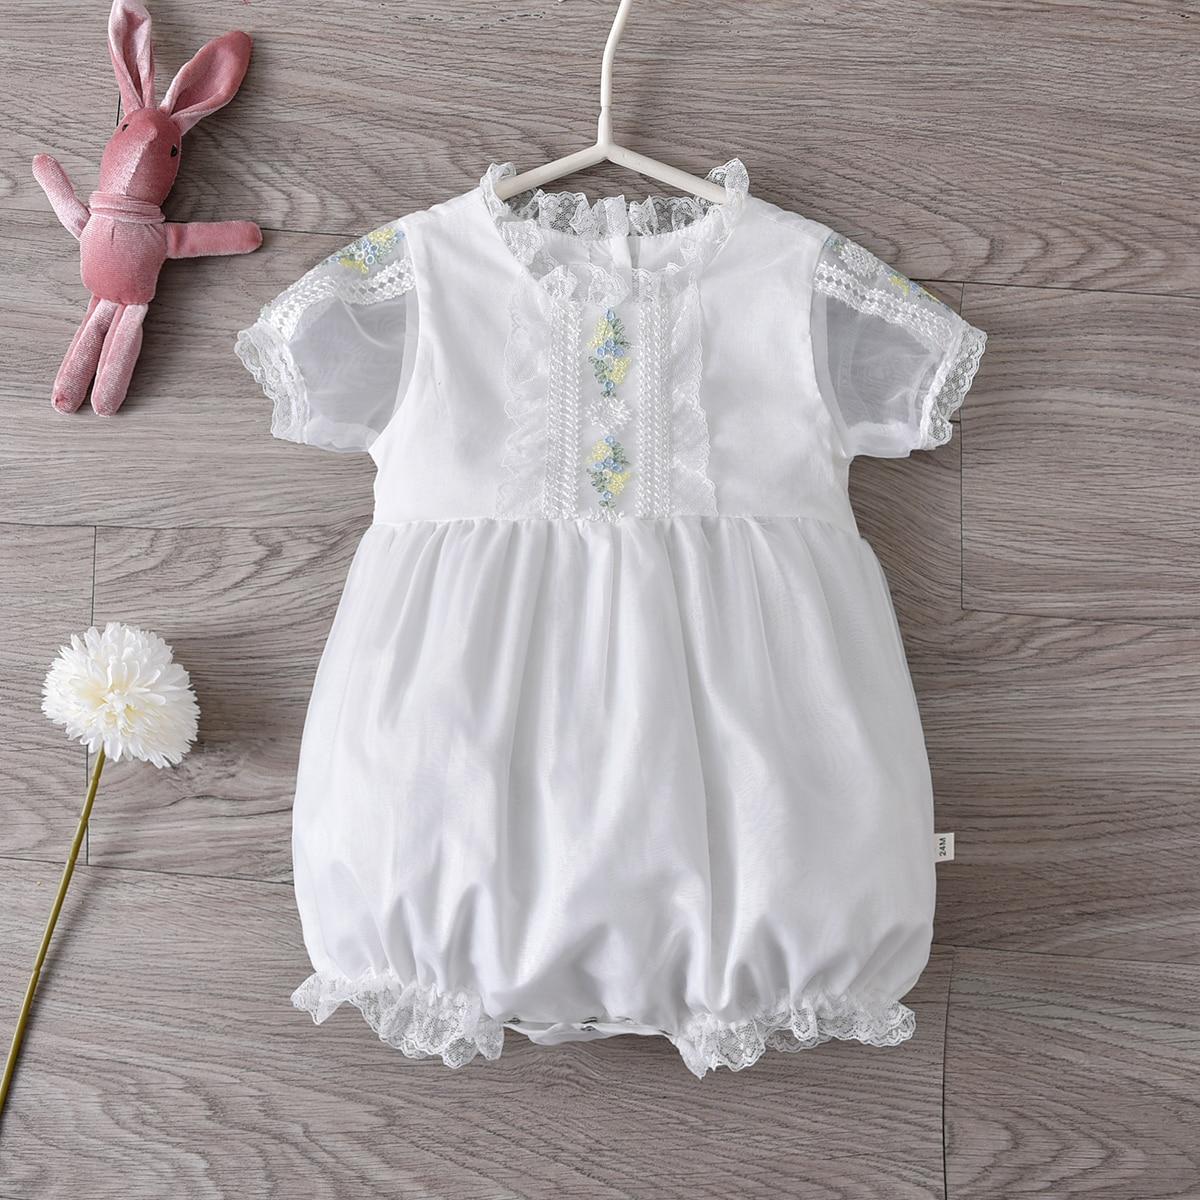 ملابس أطفال إسبانية لعام 2021 ملابس أطفال حديثي الولادة رومبير وبلوزات ألعاب للأطفال ملابس من الدانتيل لأعياد الميلاد للبنات بذلة بيضاء للأطف...